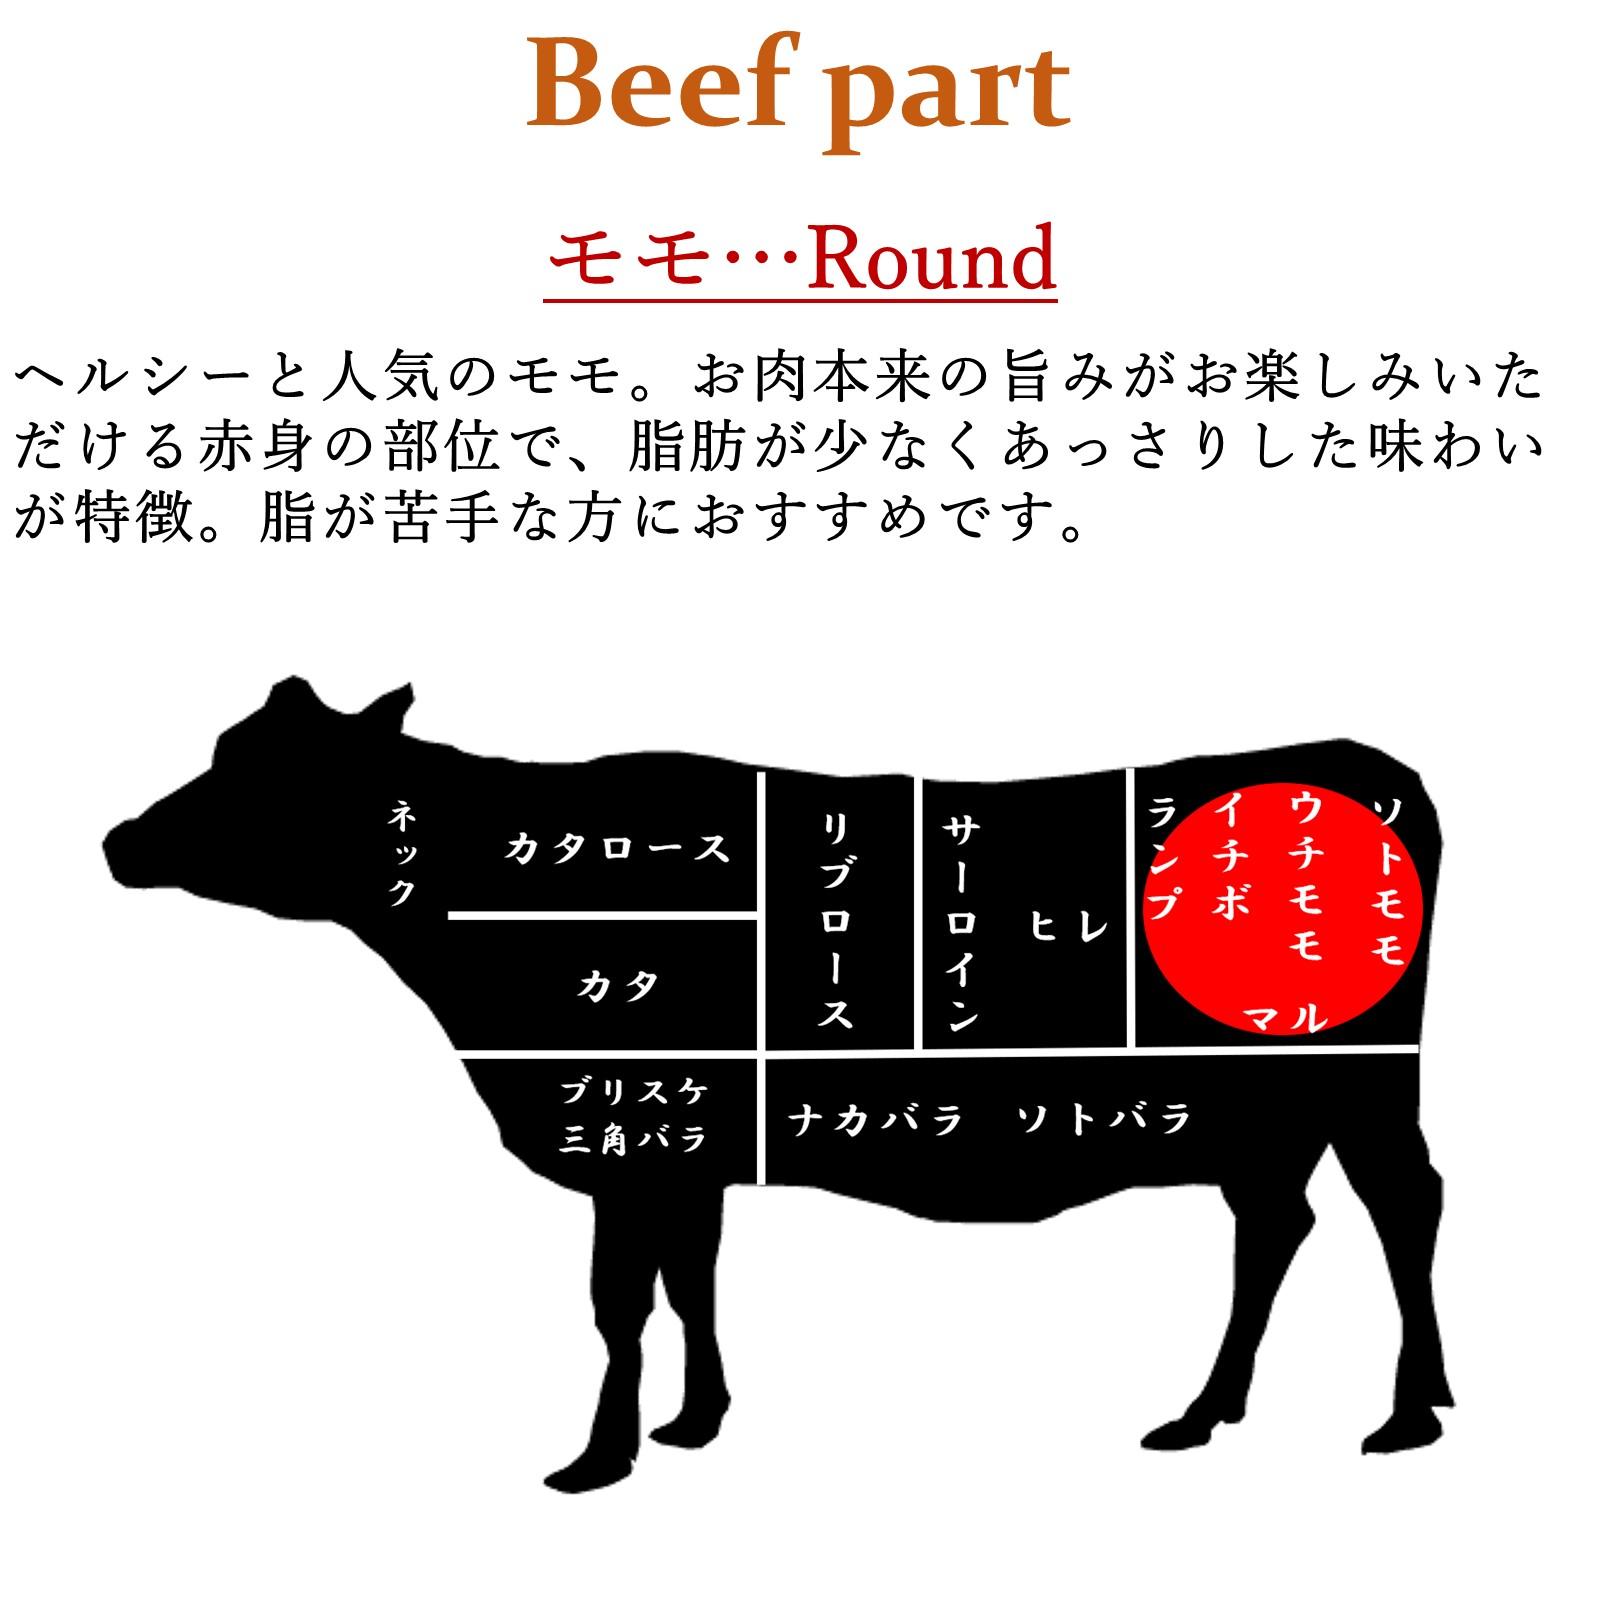 氷温熟成 神戸牛すき焼き・しゃぶしゃぶ用 モモ肉